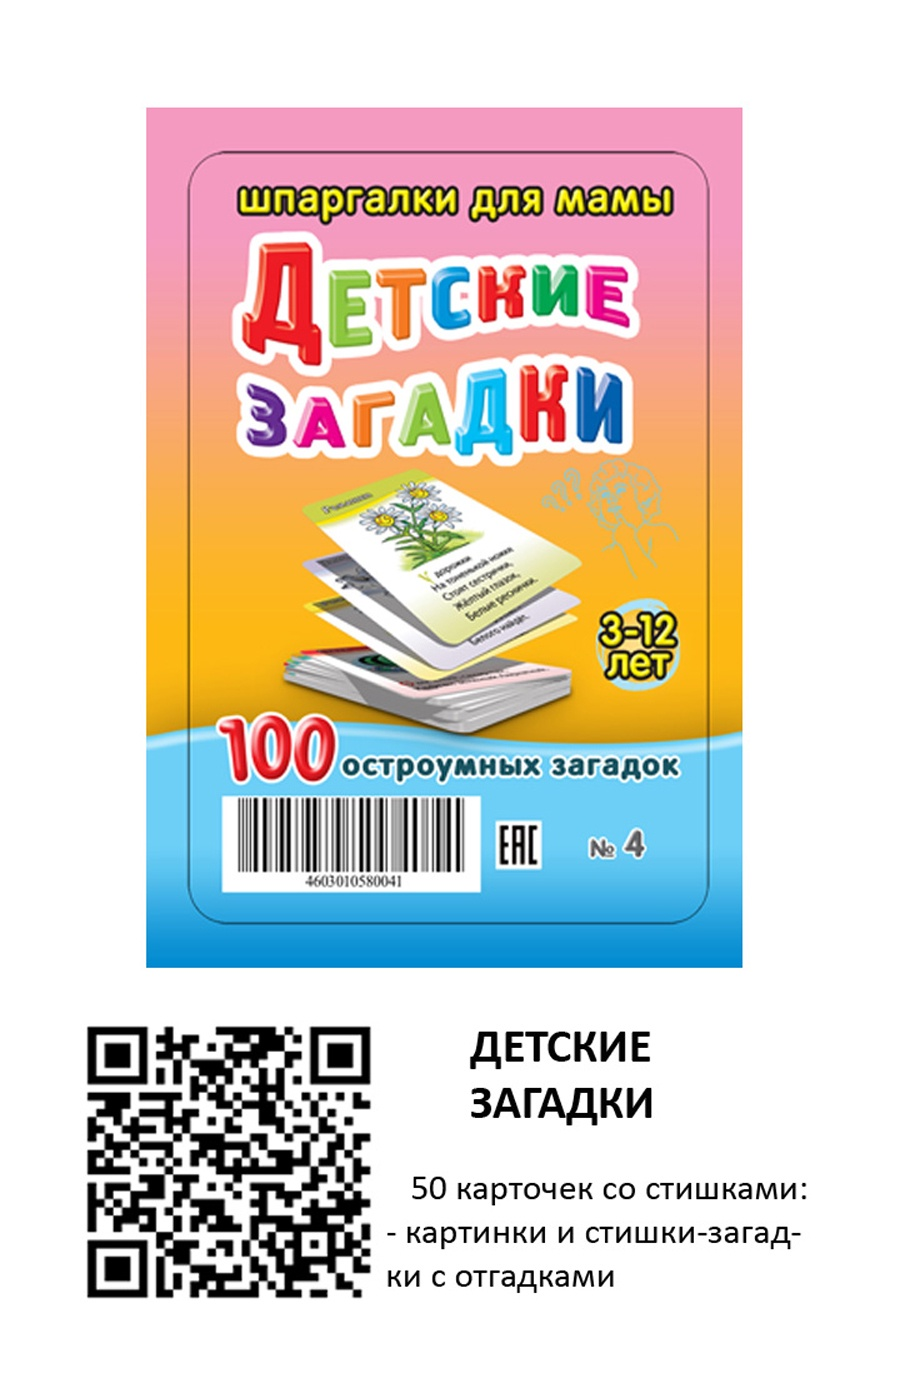 Обучающая игра Шпаргалки для мамы 25 наборов для детей (QR коды) для смартфона набор карточек для детей в дорогу развивающие обучающие карточки